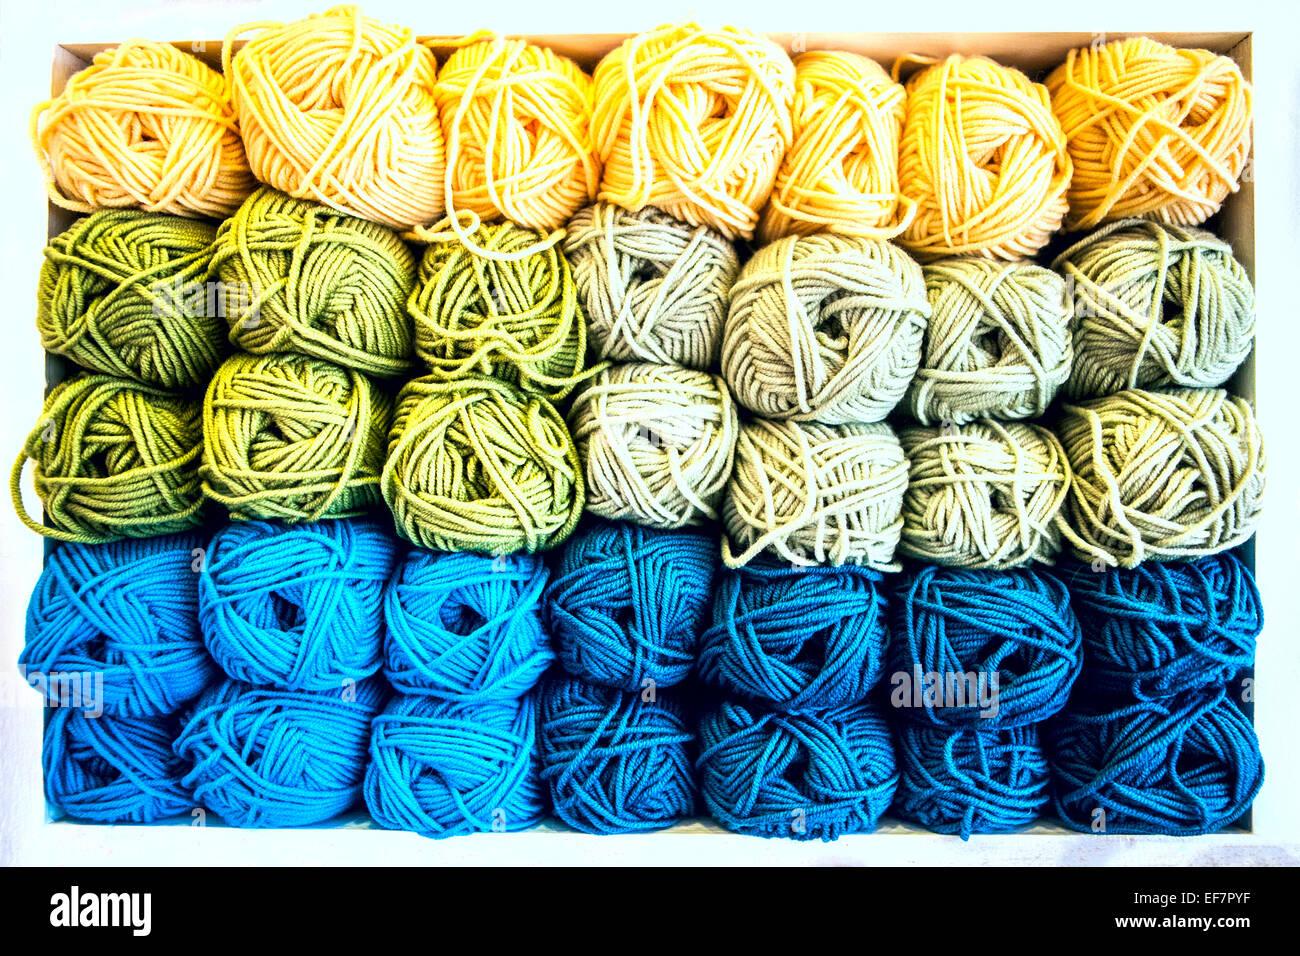 Skeins of yarn wool - Stock Image